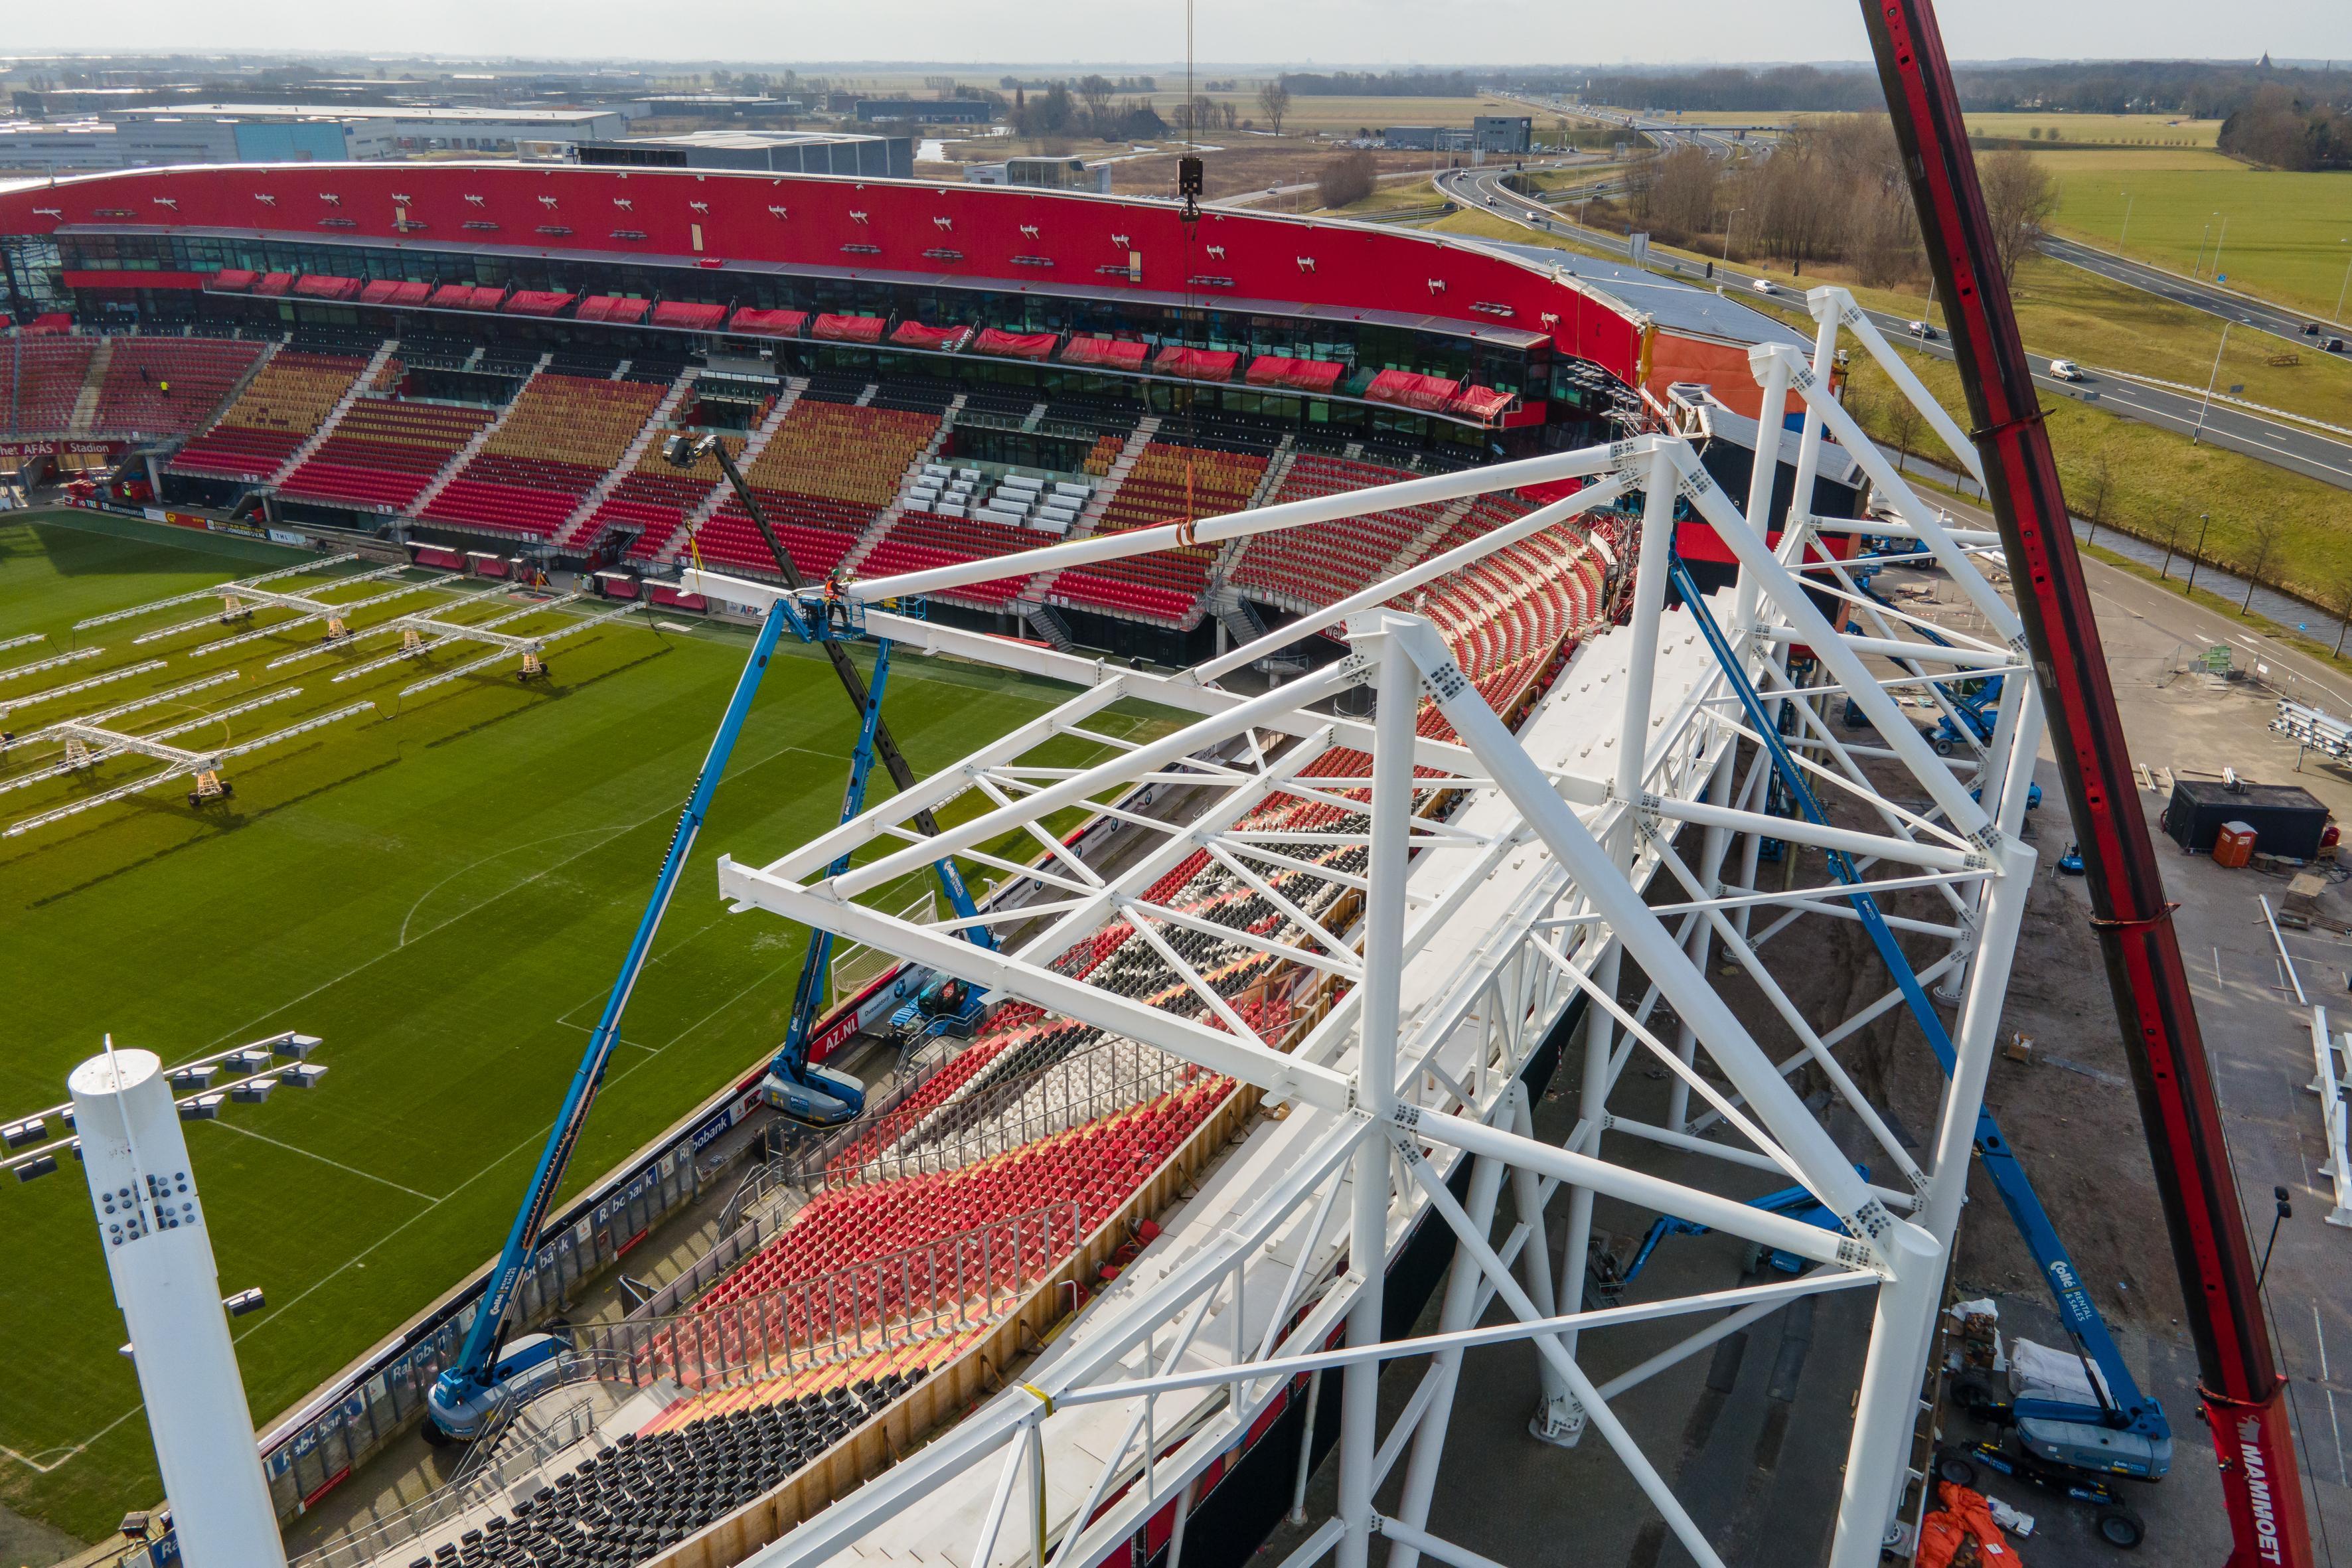 Nieuw dak AZ-stadion wordt nu echt zichtbaar